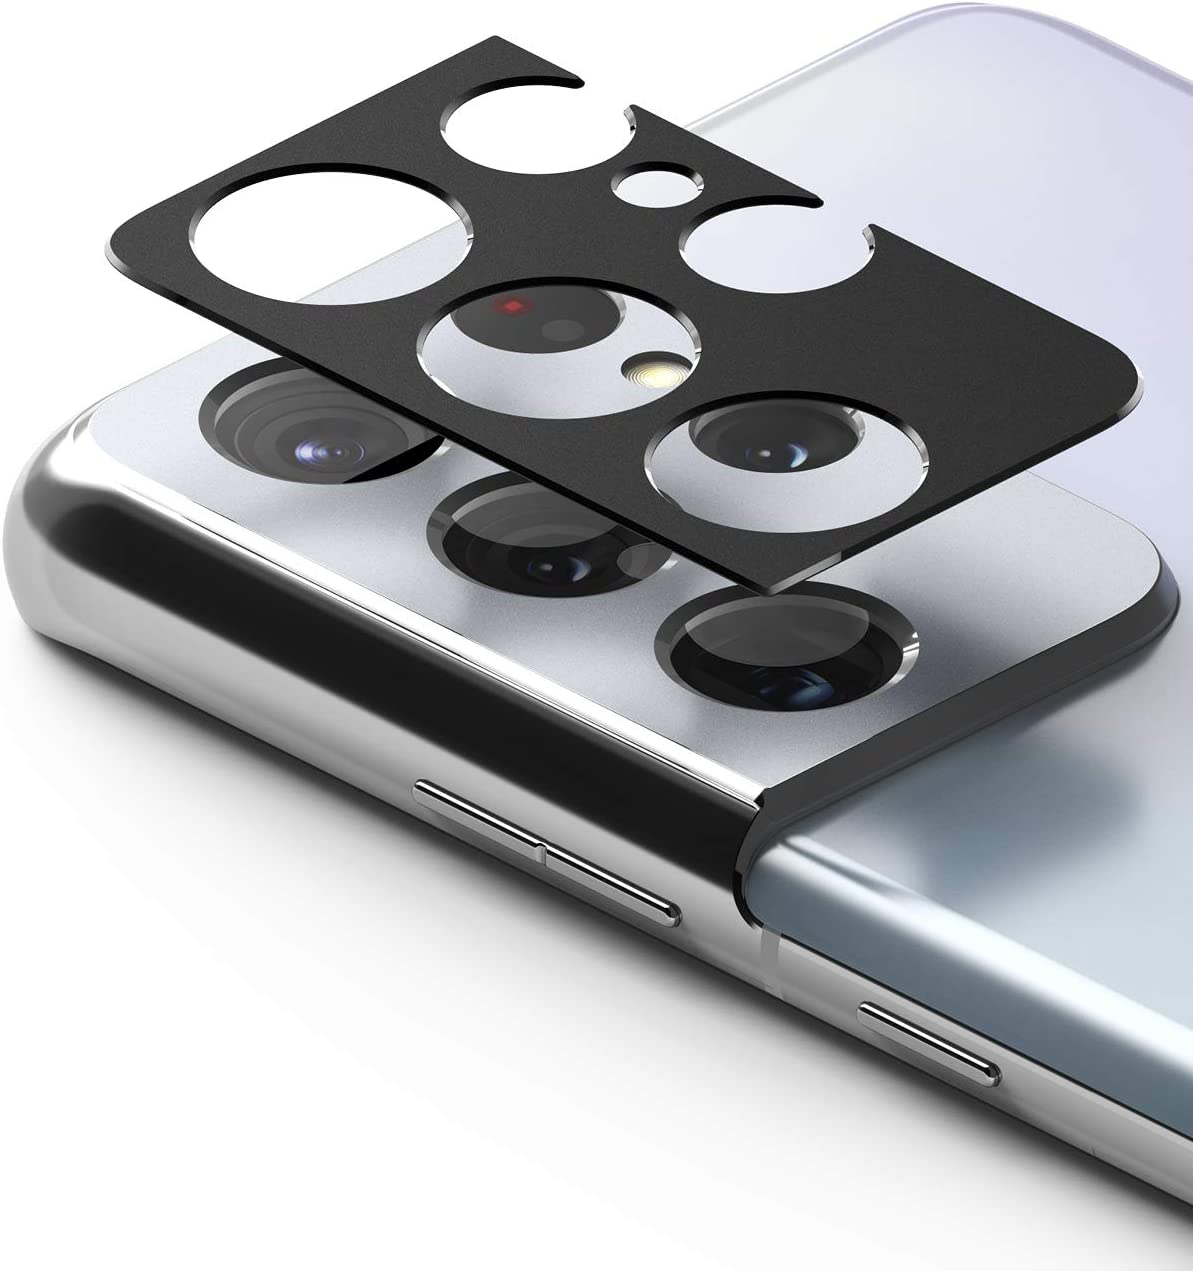 Protector de cámara Ringke Style de Galaxy S21 Ultra - Negro